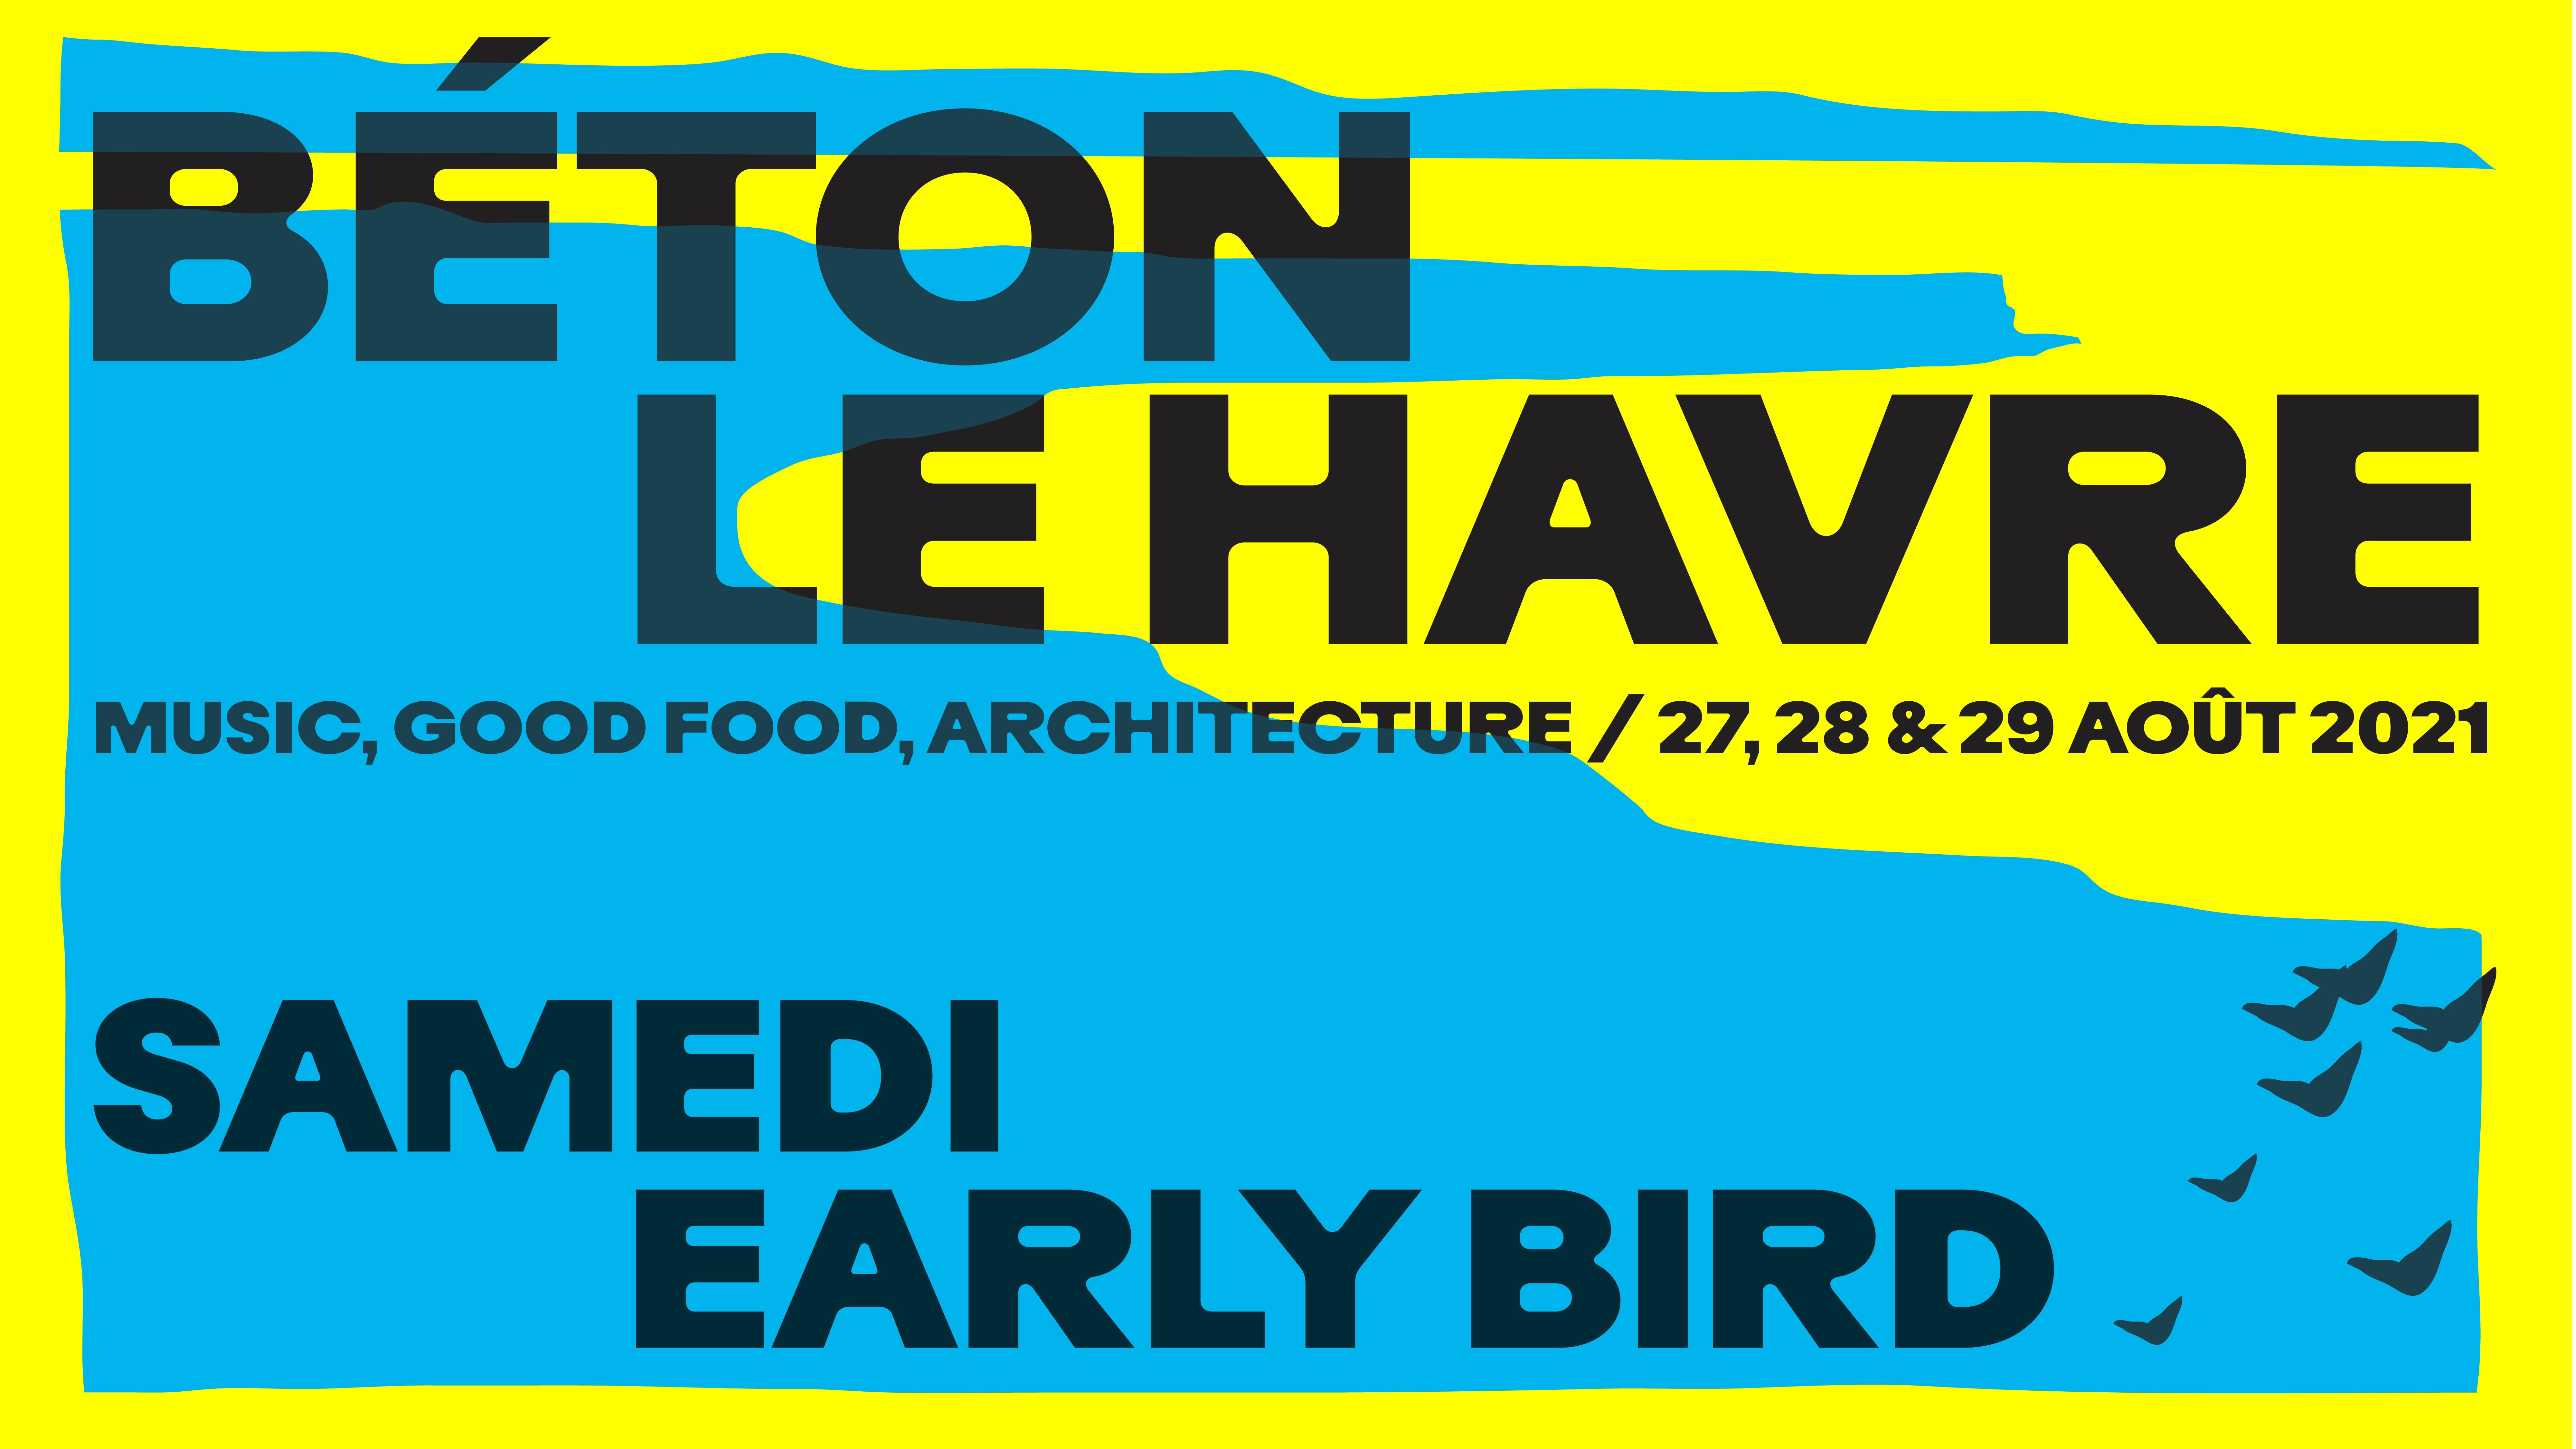 BÉTON FESTIVAL - SAMEDI EARLY BIRD